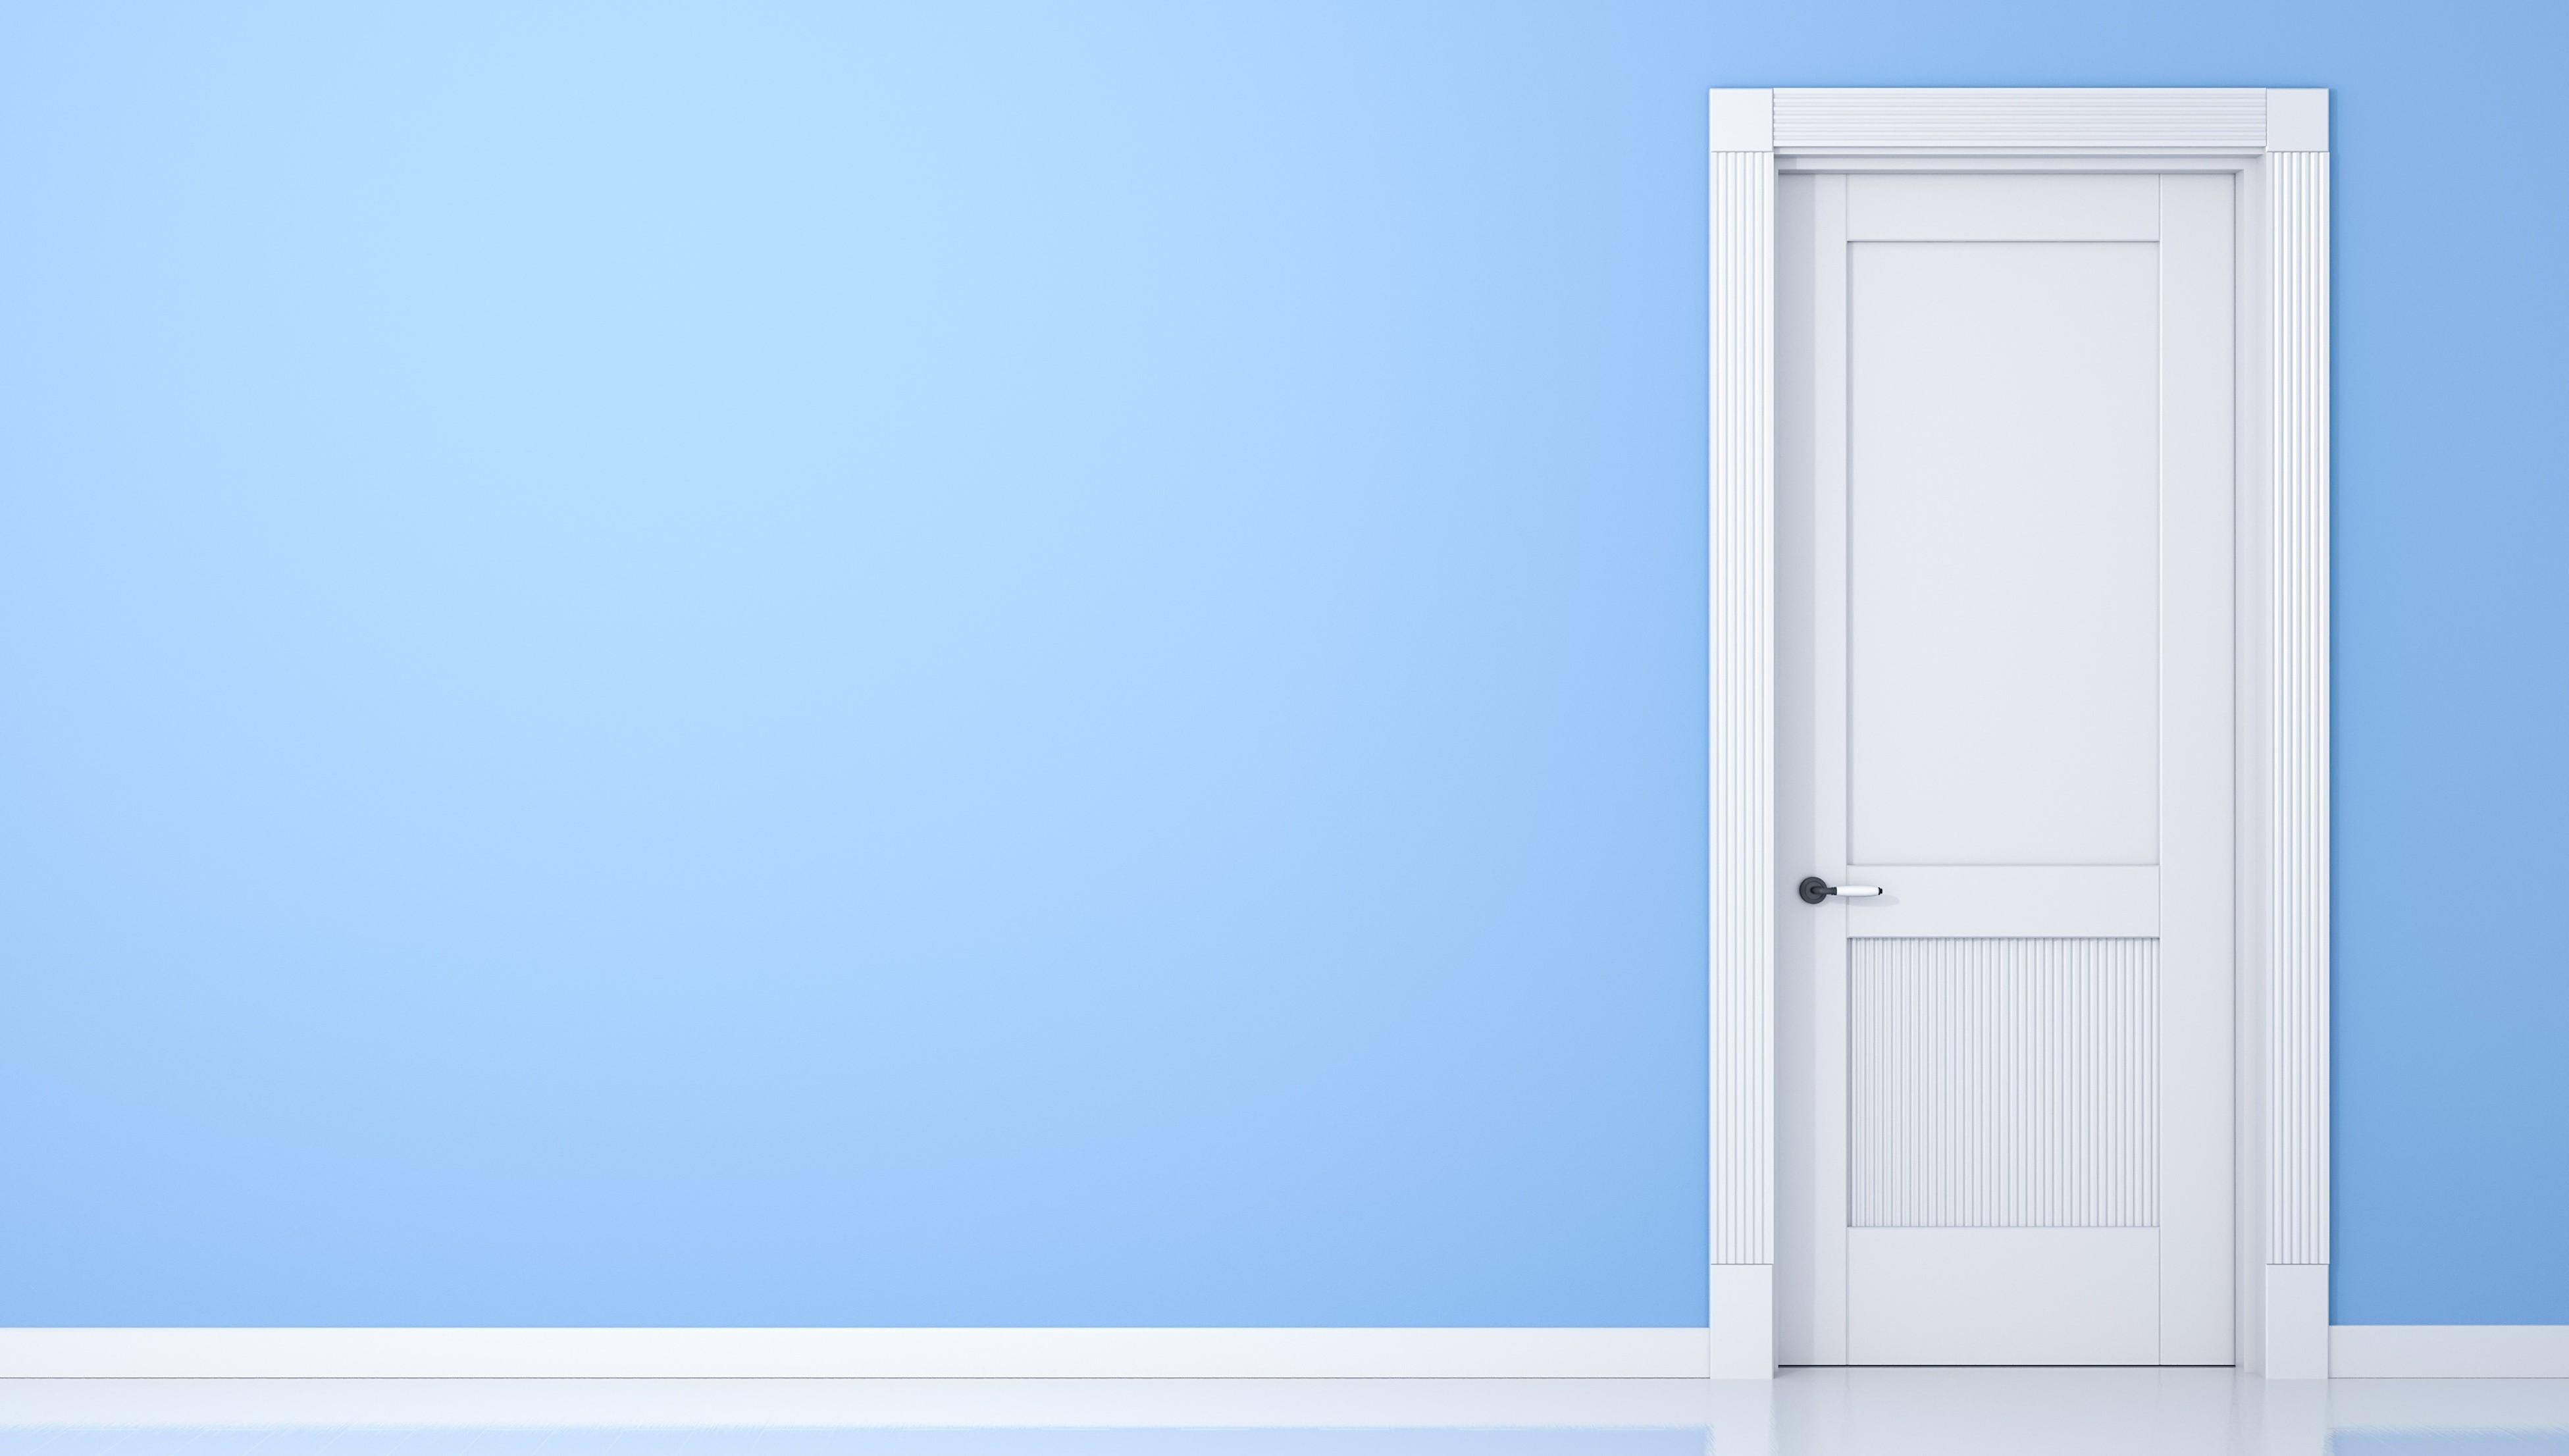 Lacar puertas en blanco - Lacar puertas en blanco presupuesto ...